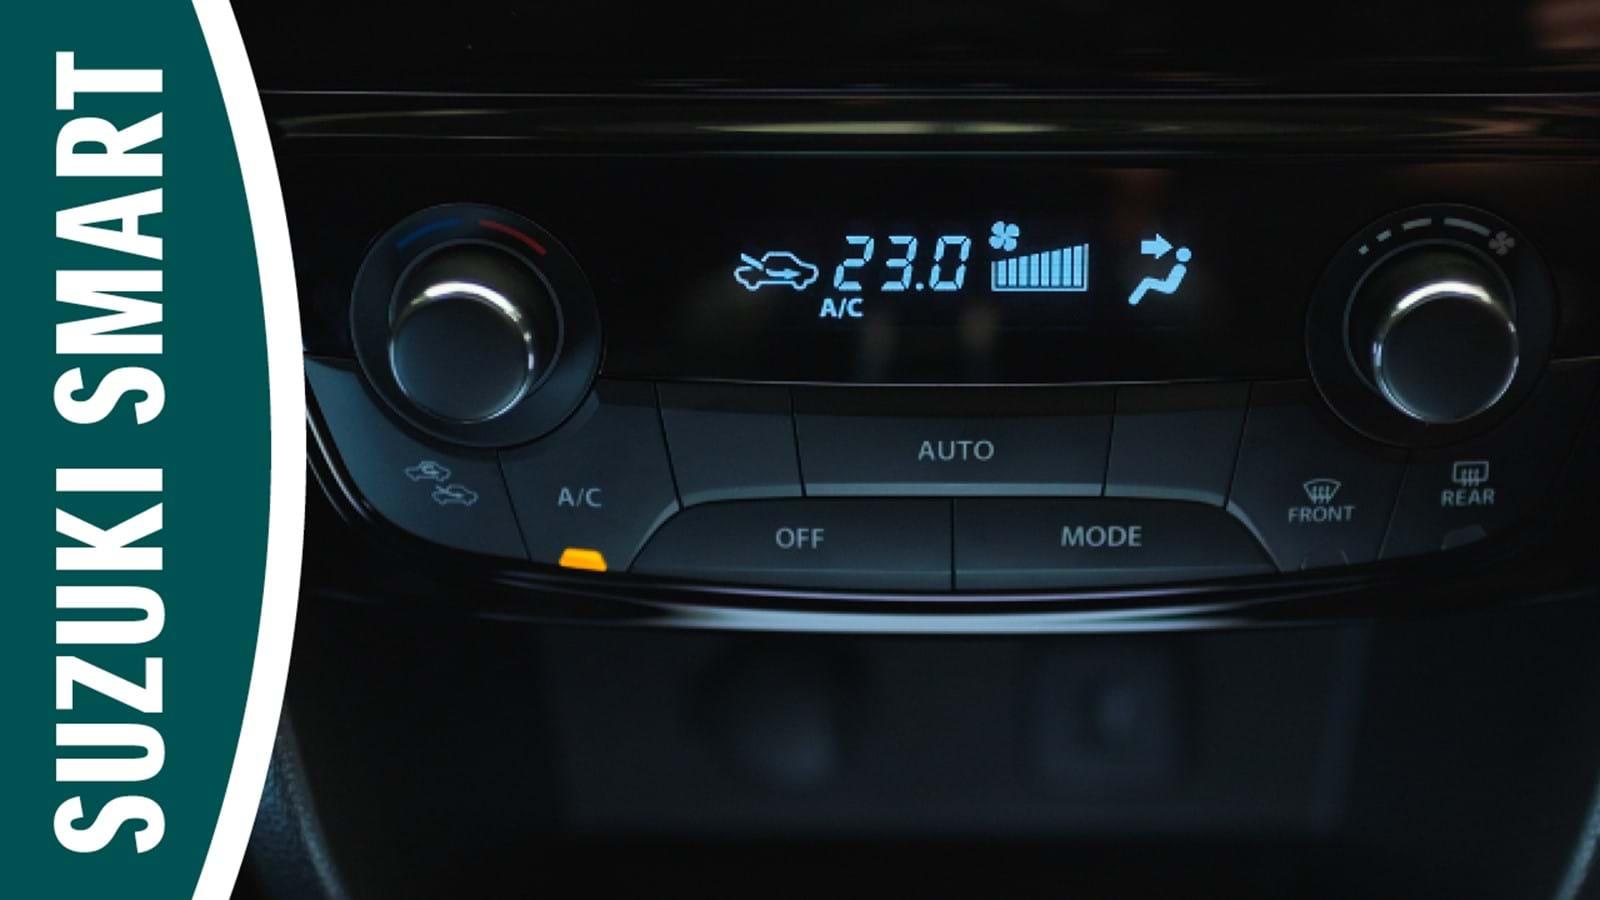 Maintenance | Suzuki Cars UK